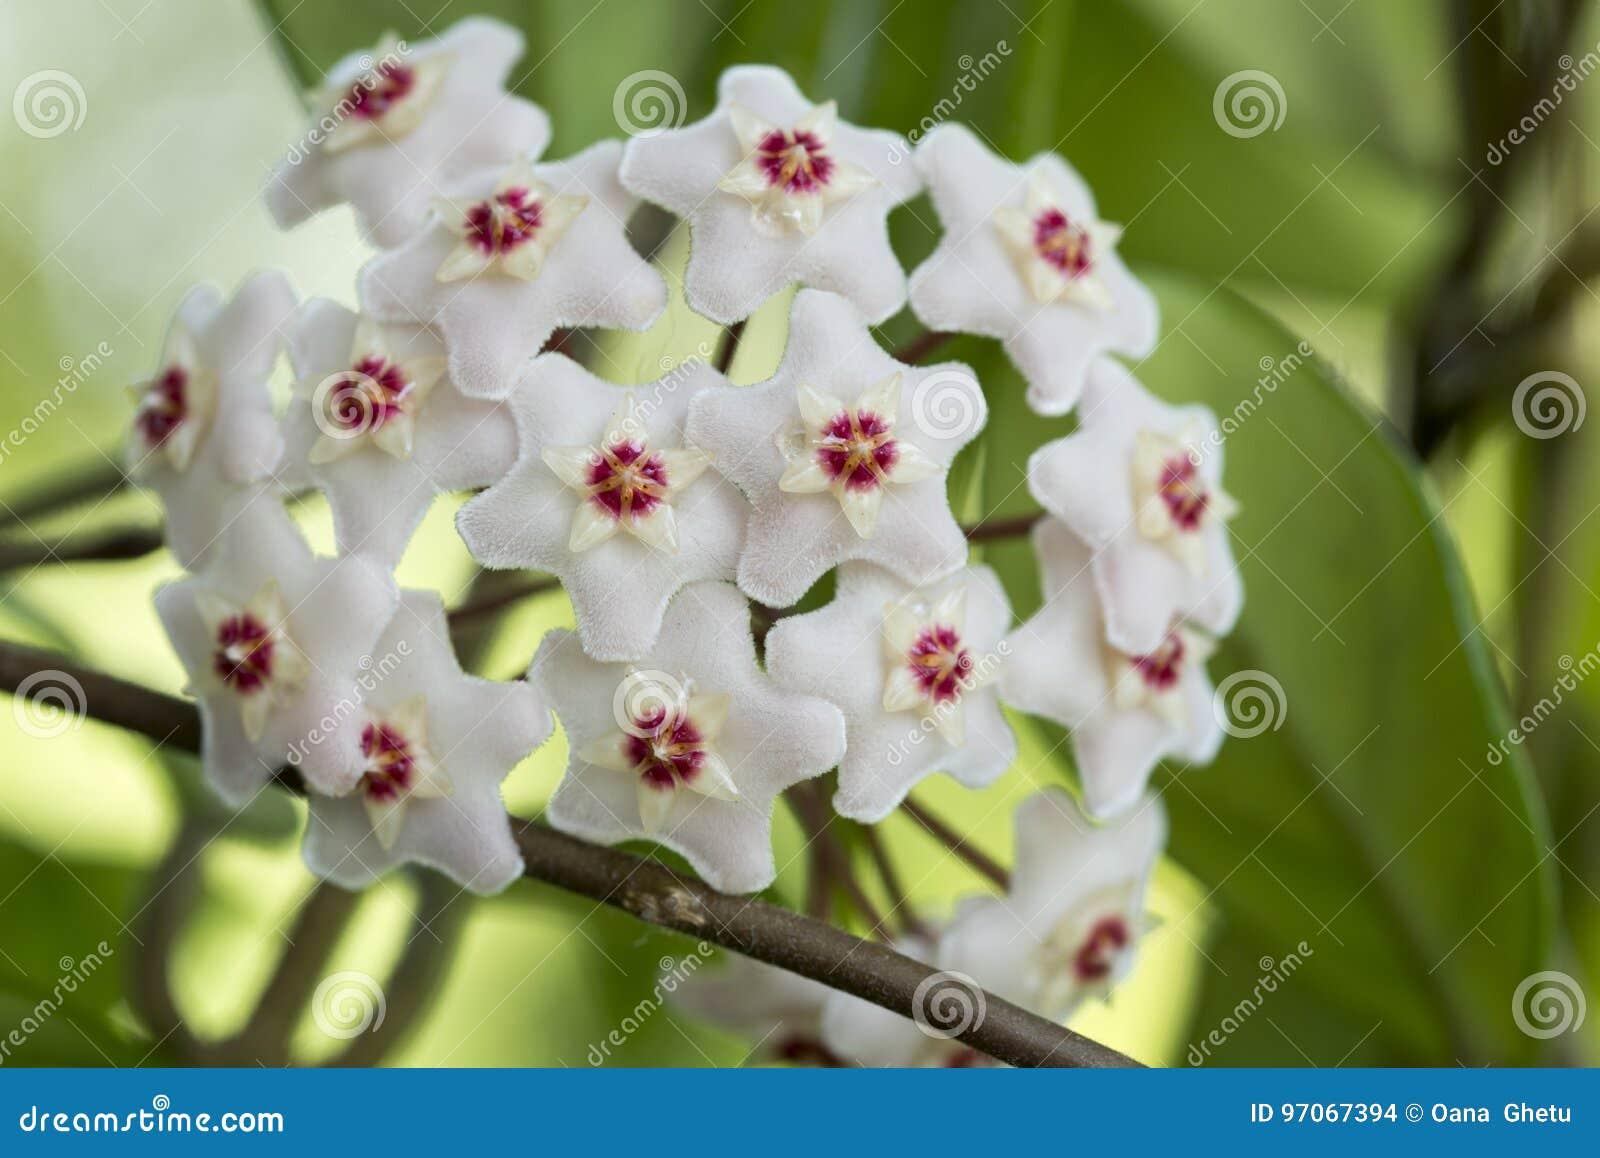 Porcelainflower o pianta da cera